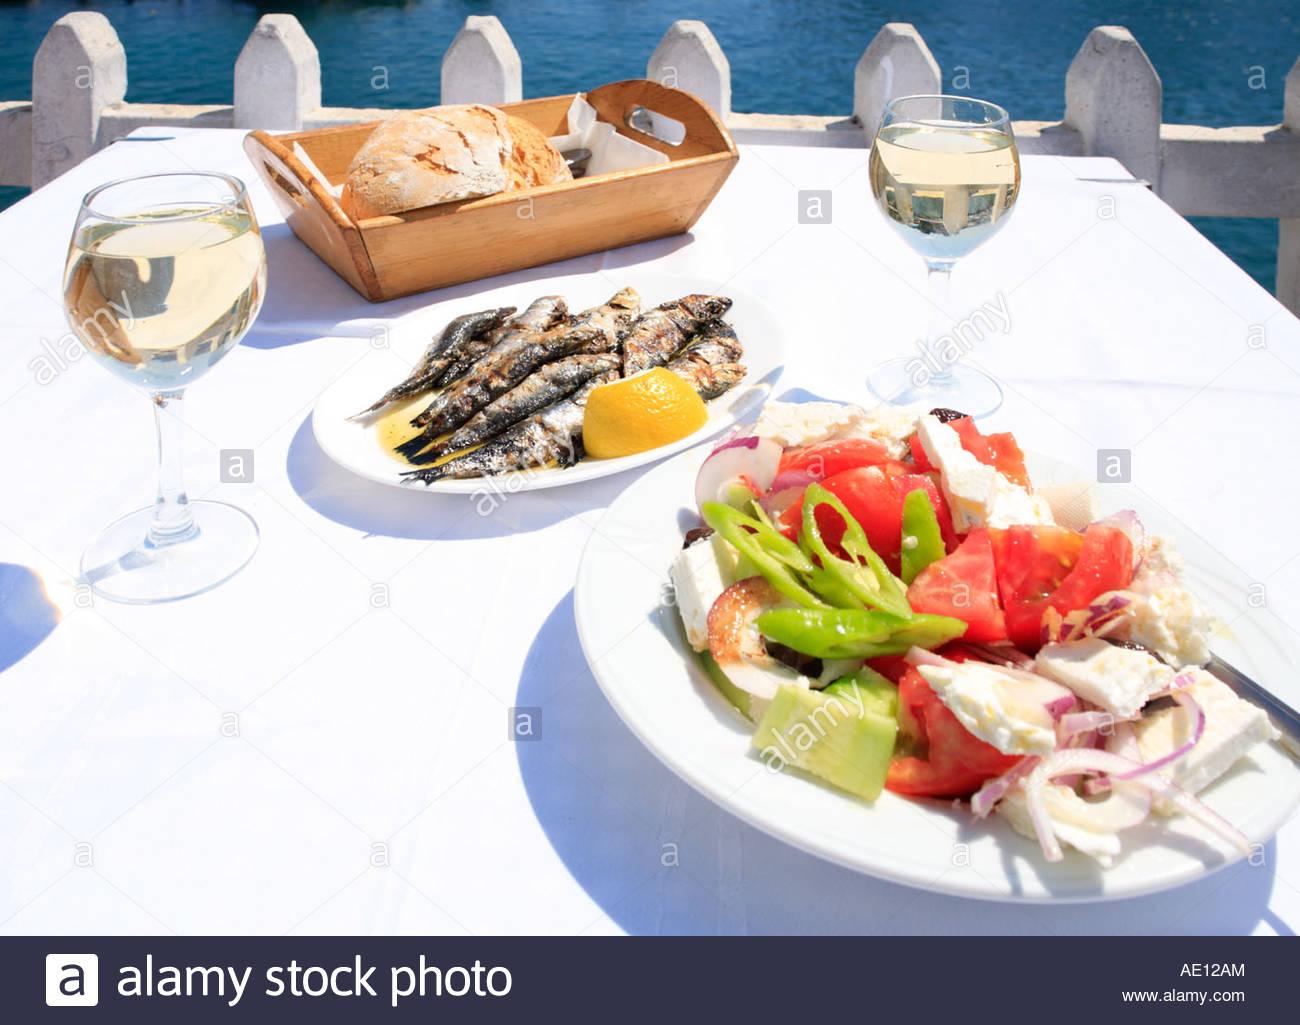 Chalkidice photos chalkidice images alamy for Cuisine grecque